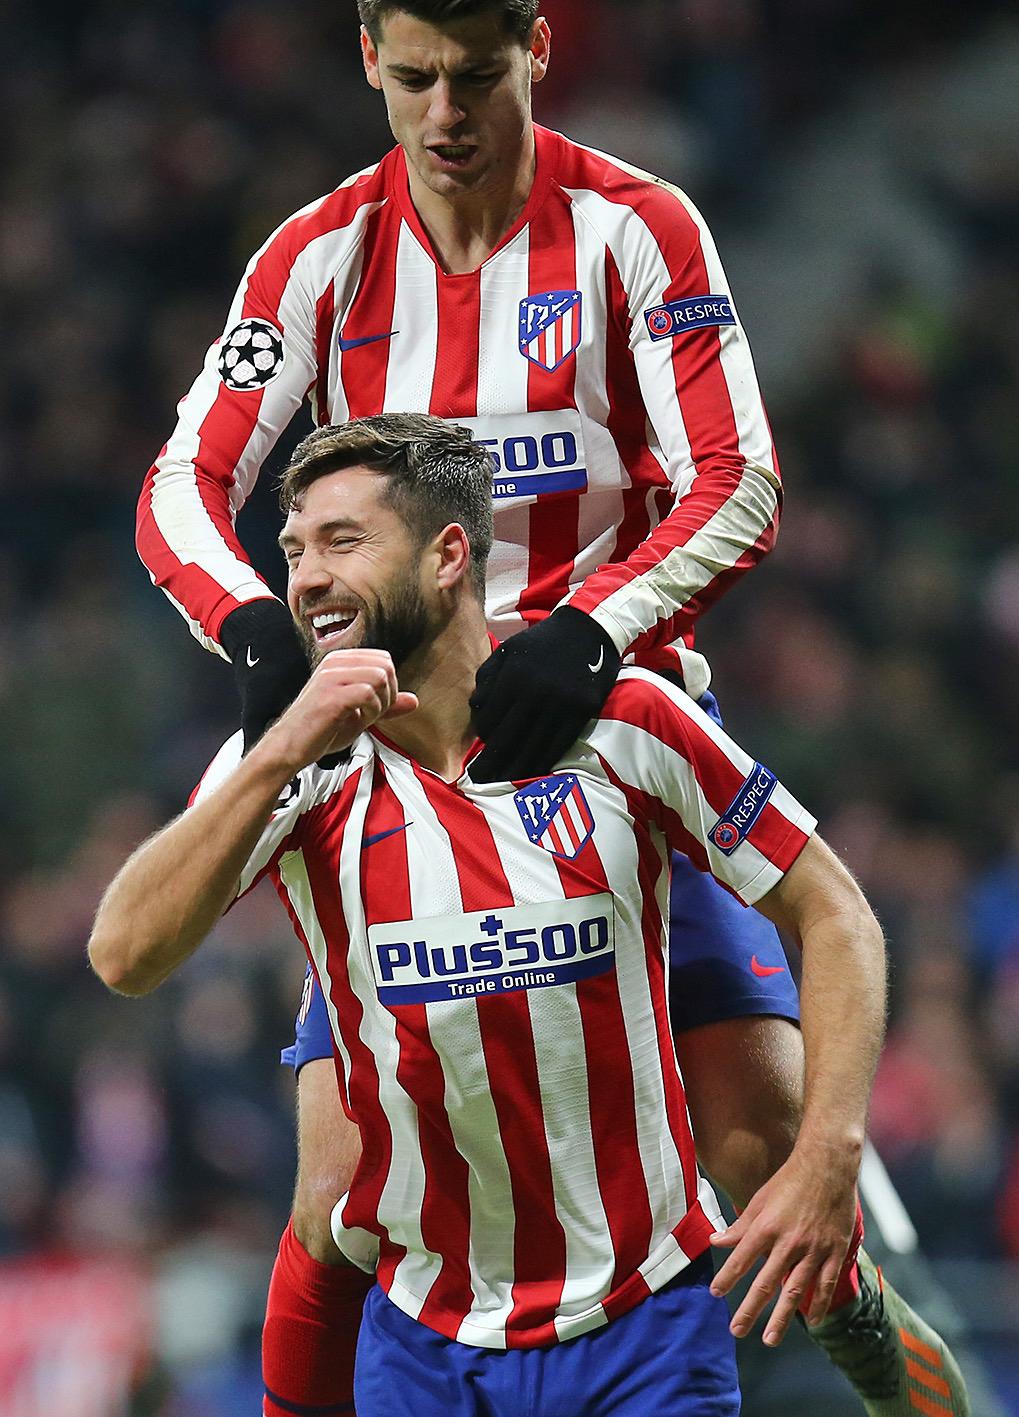 #LigueDesChampions - L'Atlético arrache la qualification pour les 8es